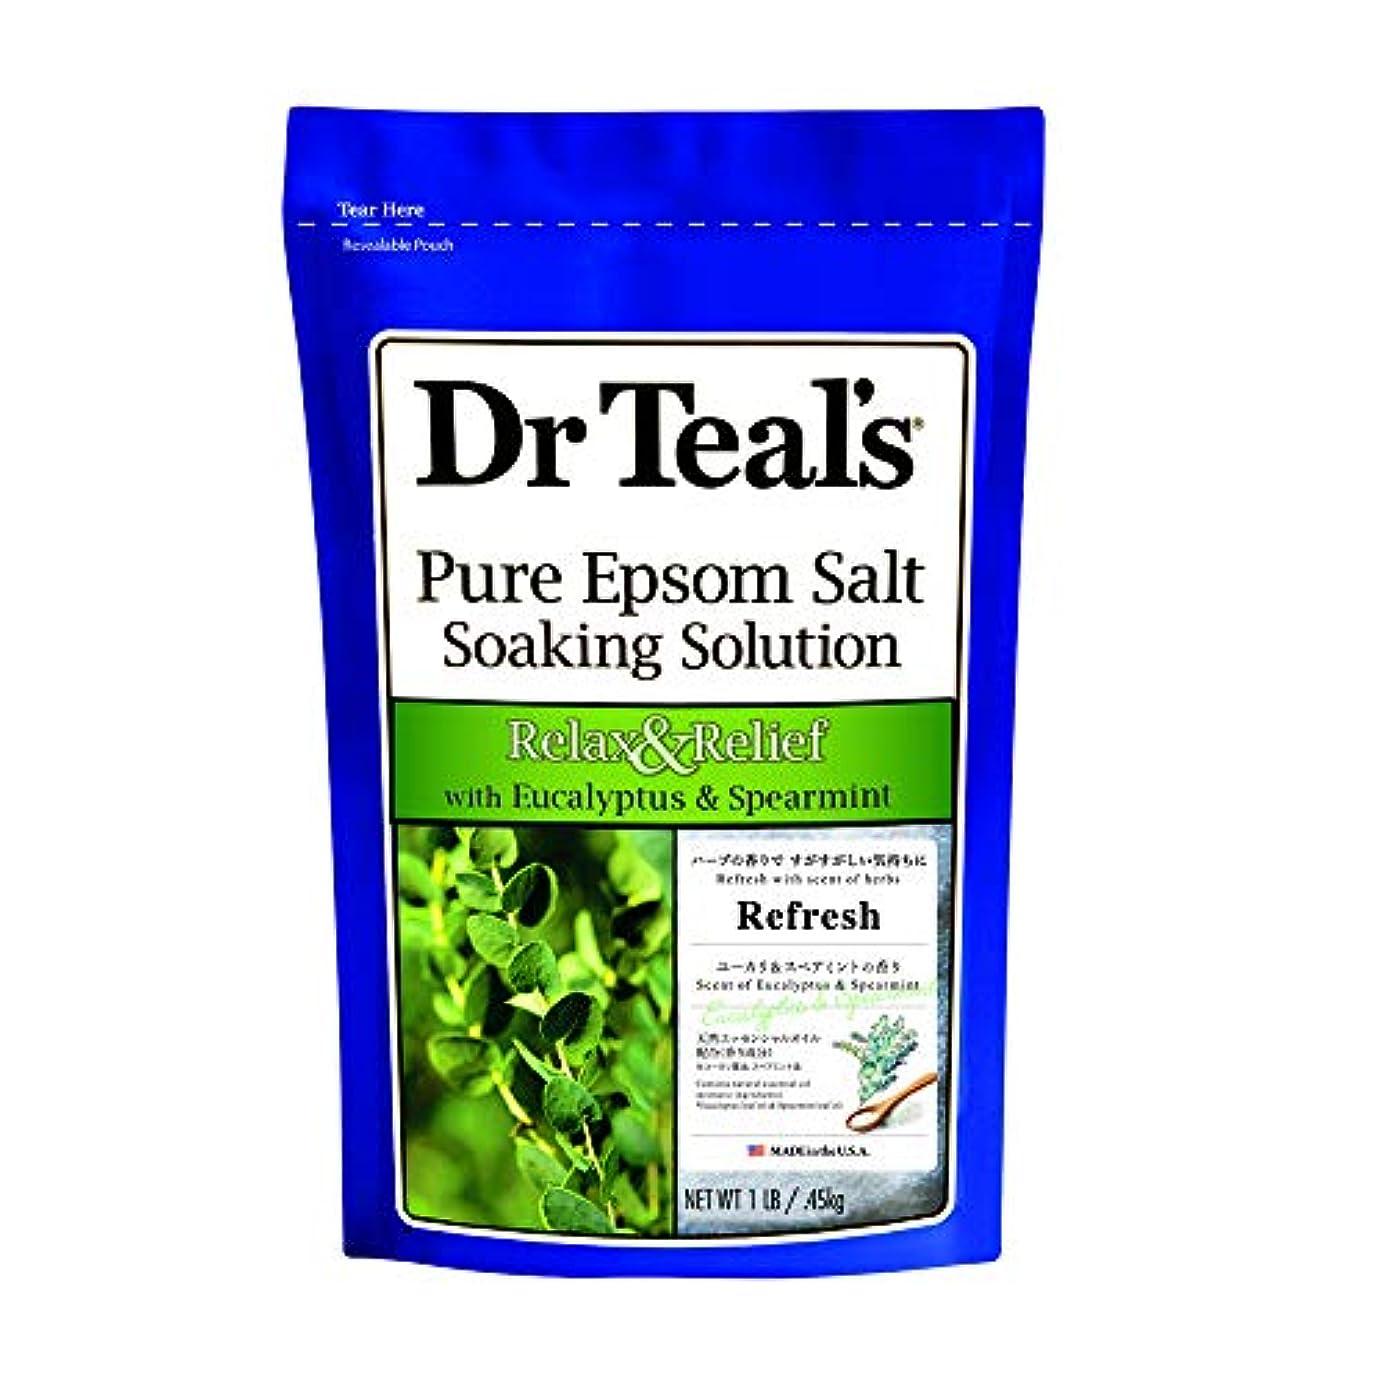 お肉注釈ペーストDr Teal's(ティールズ) フレグランスエプソムソルト ユーカリ&スペアミント 入浴剤 453g